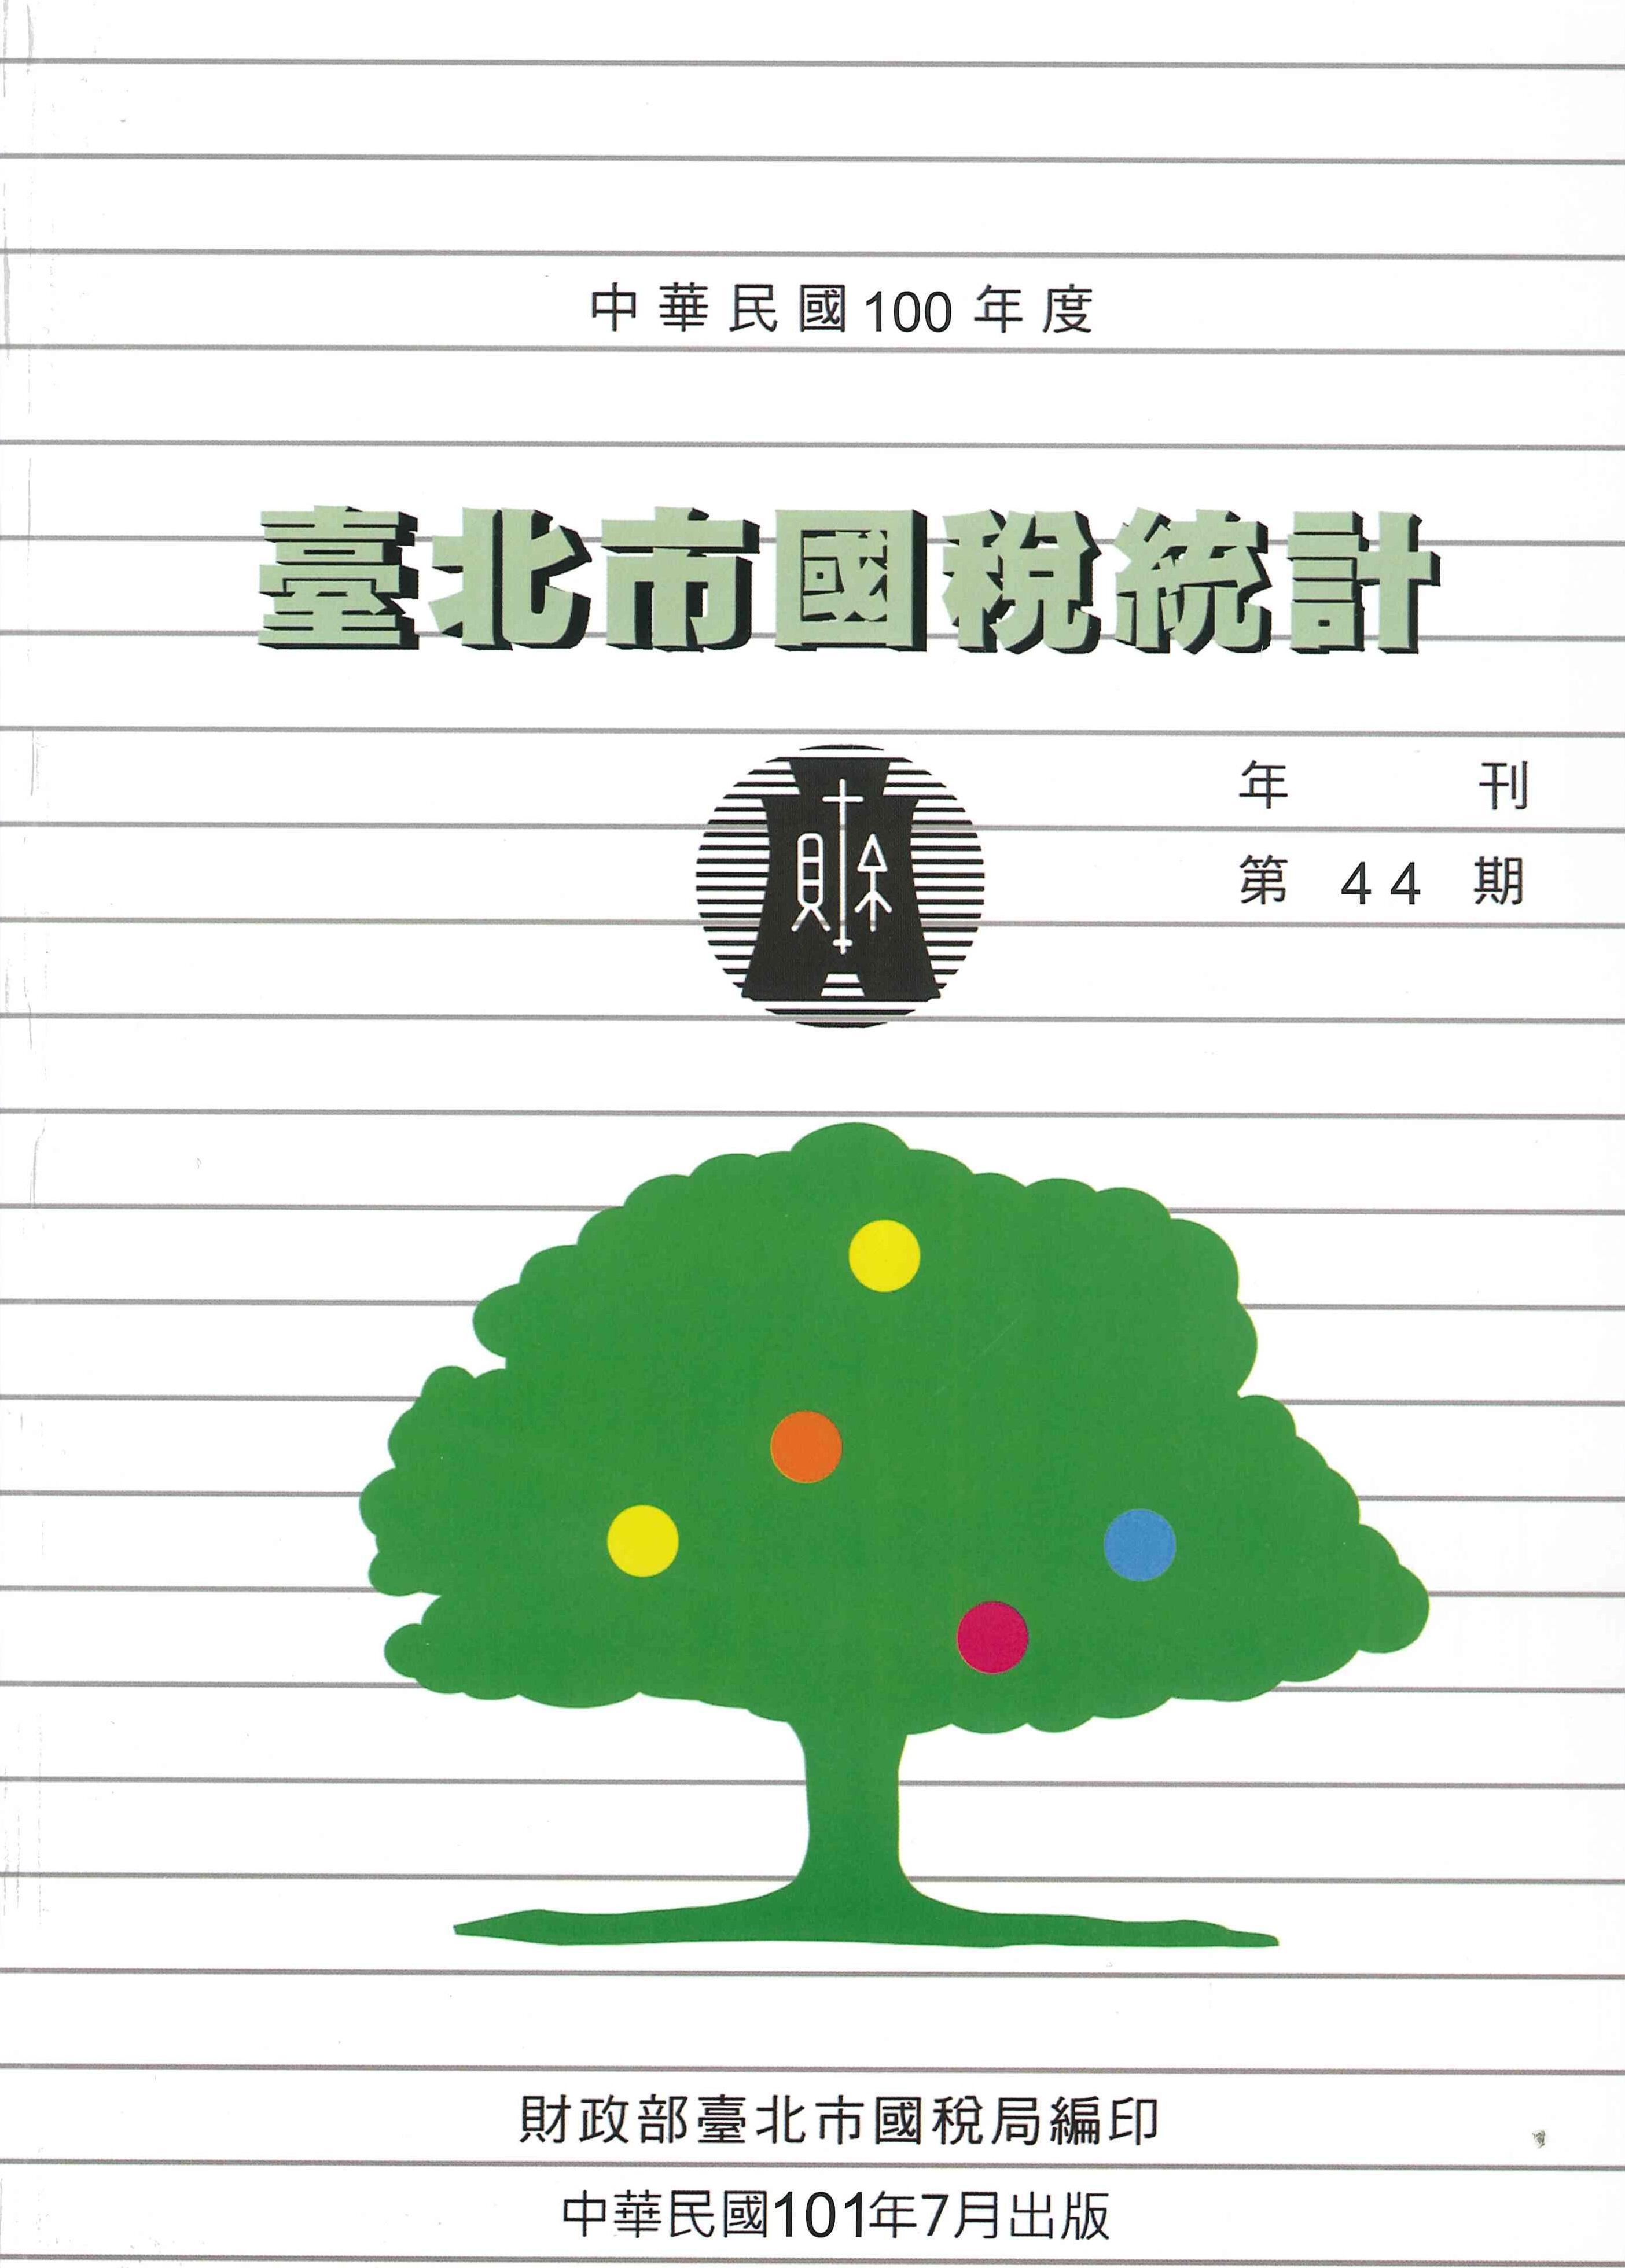 臺北市國稅統計